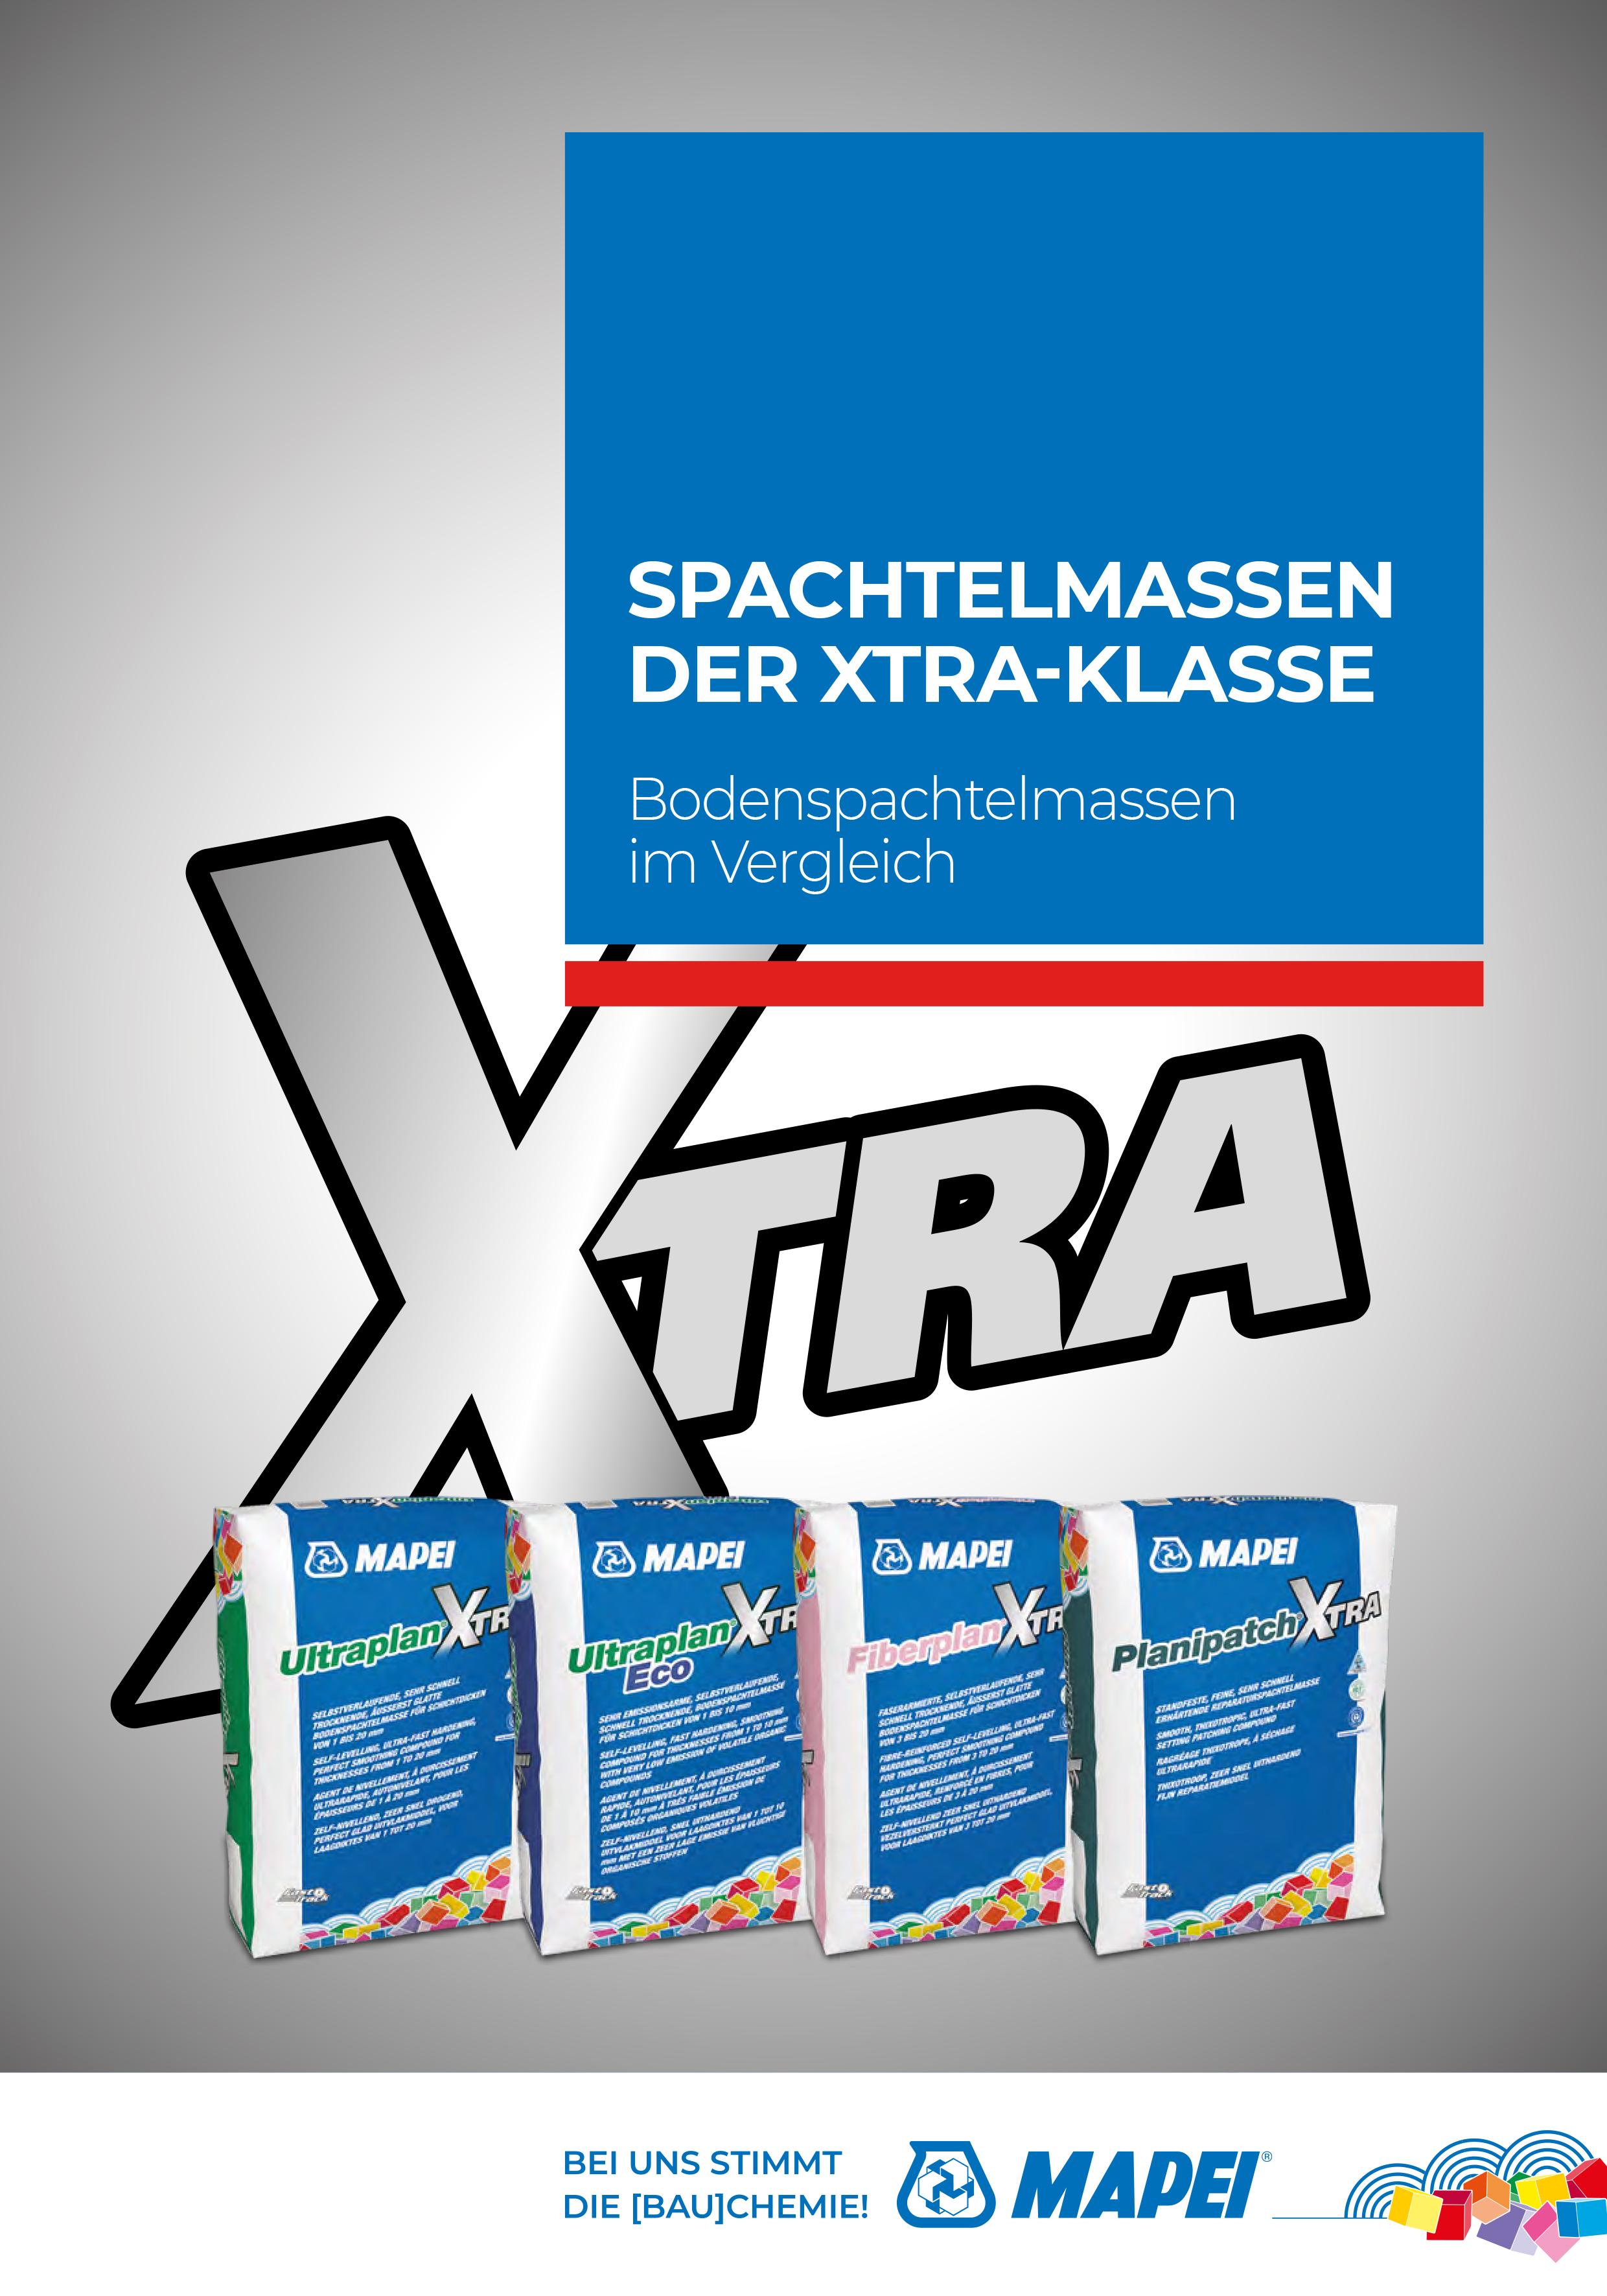 Spachtelmassen der XTRA-Klasse